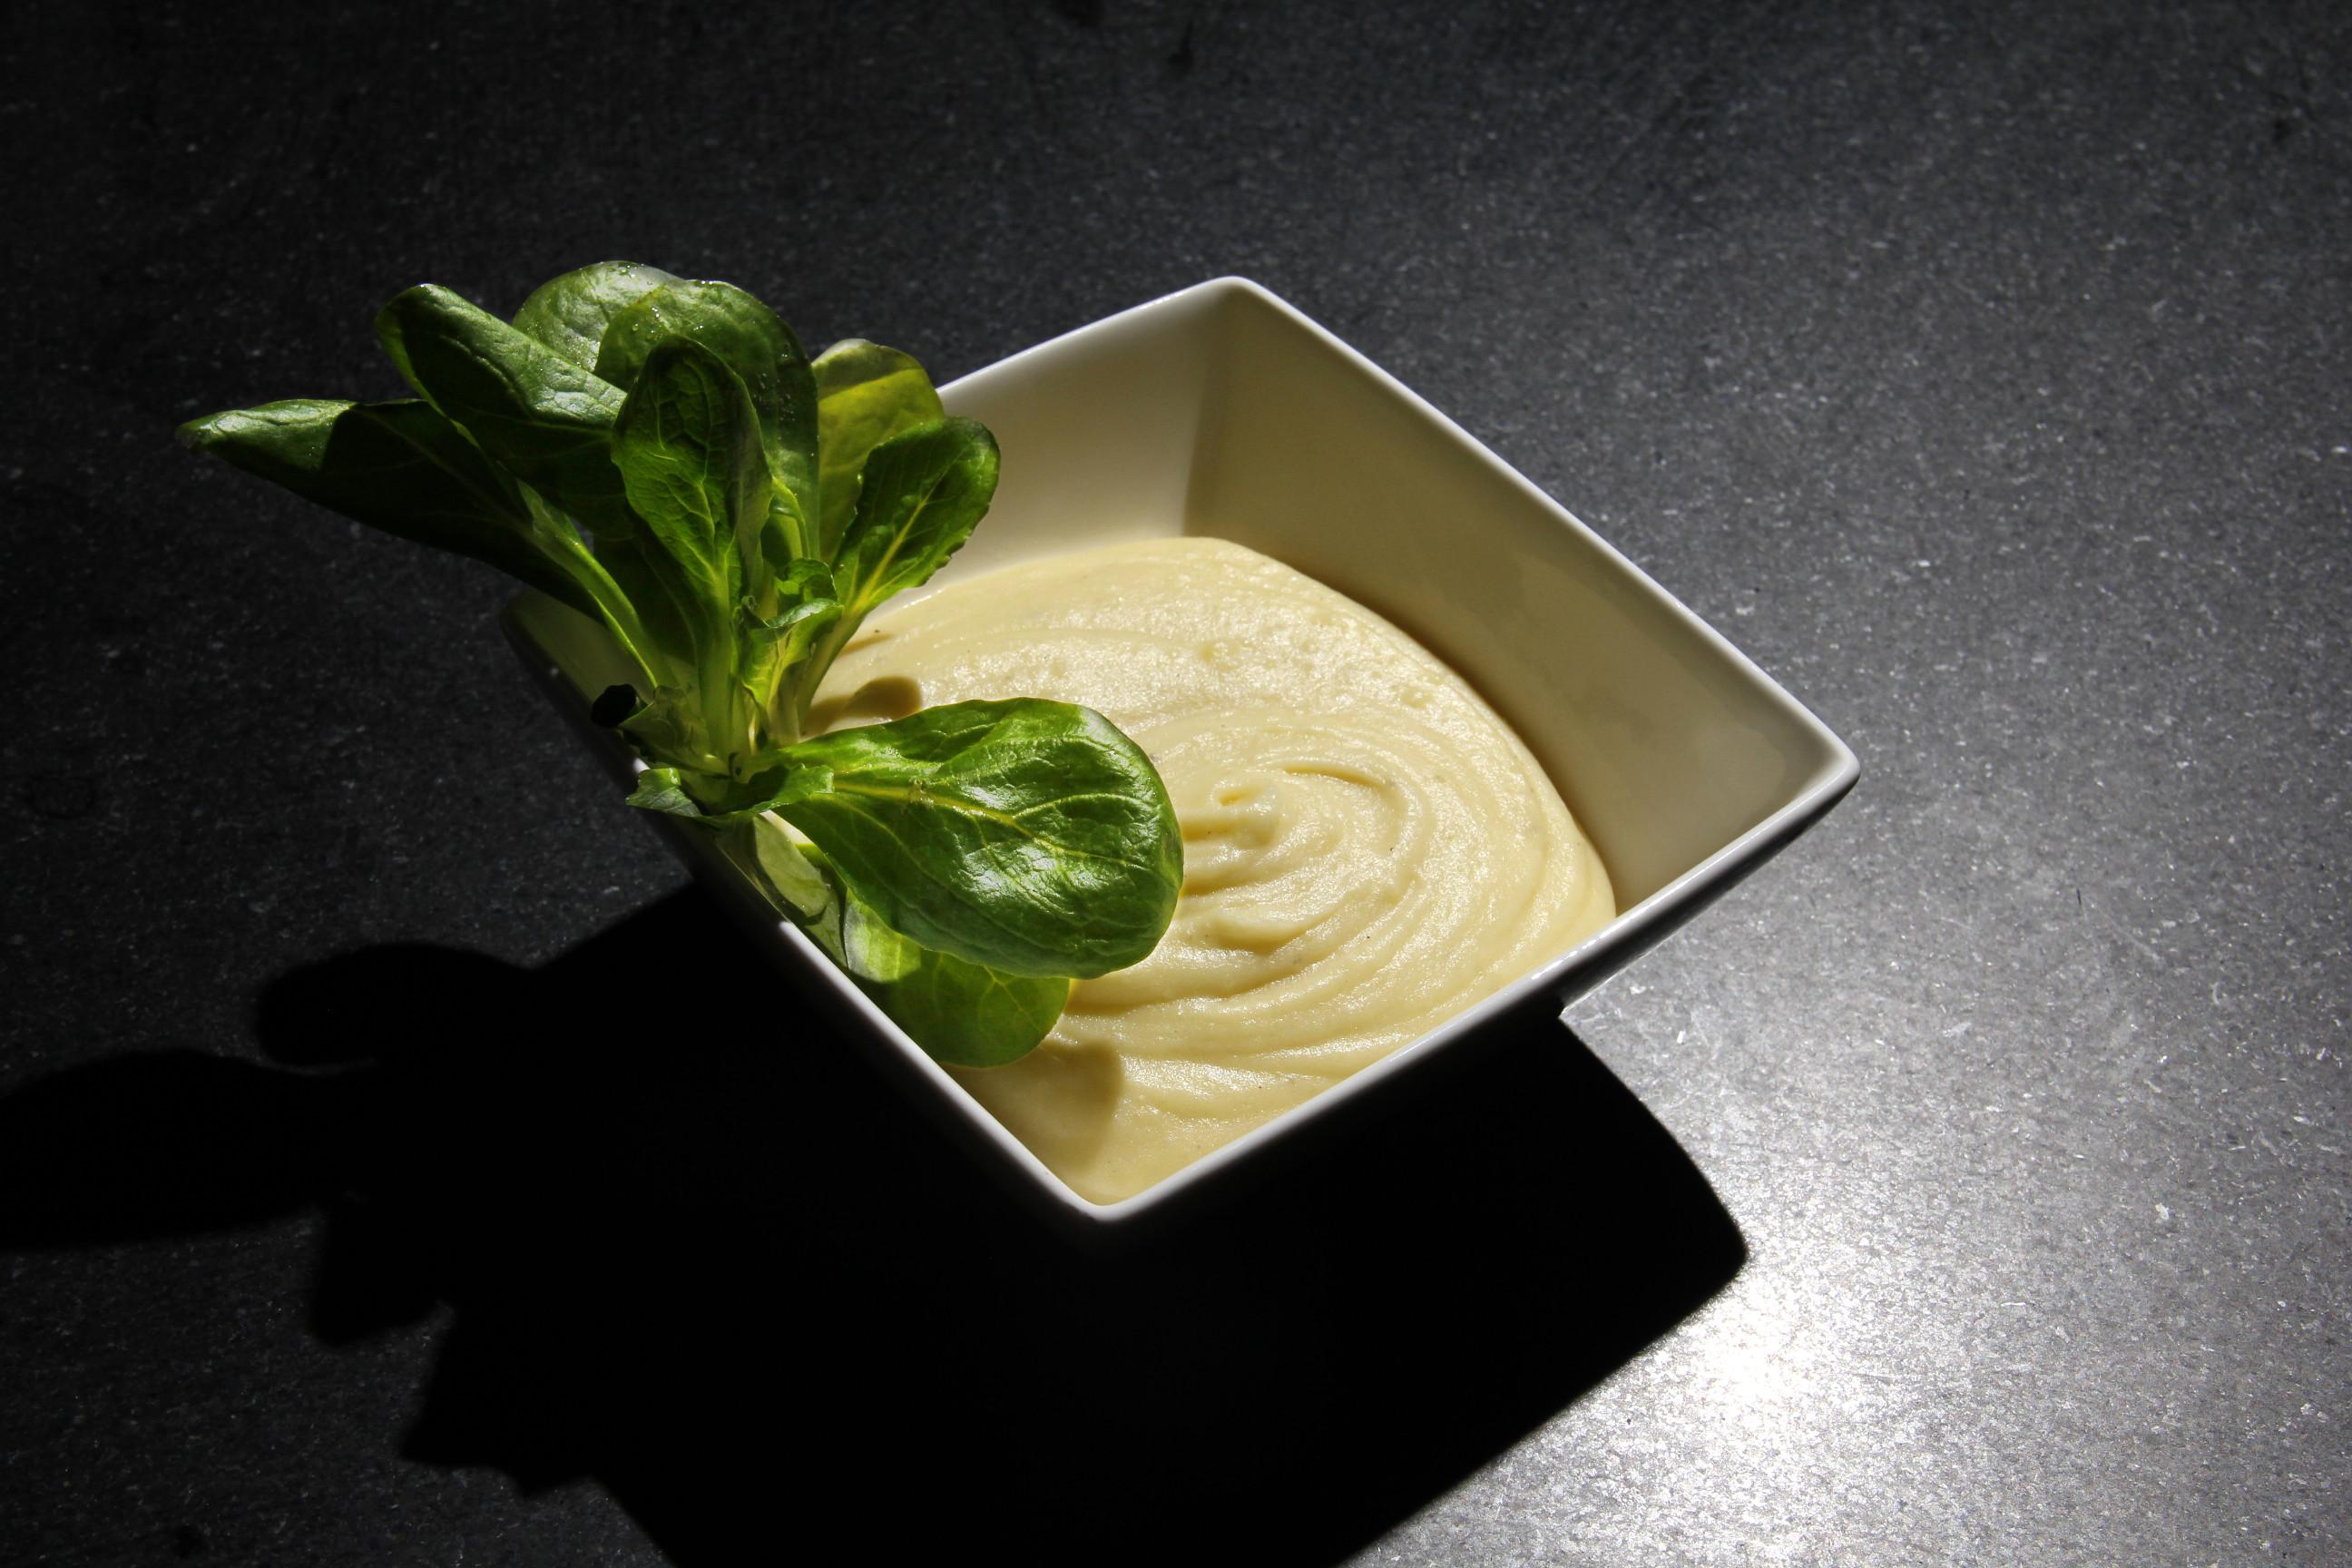 来源:gourmantissimes.com